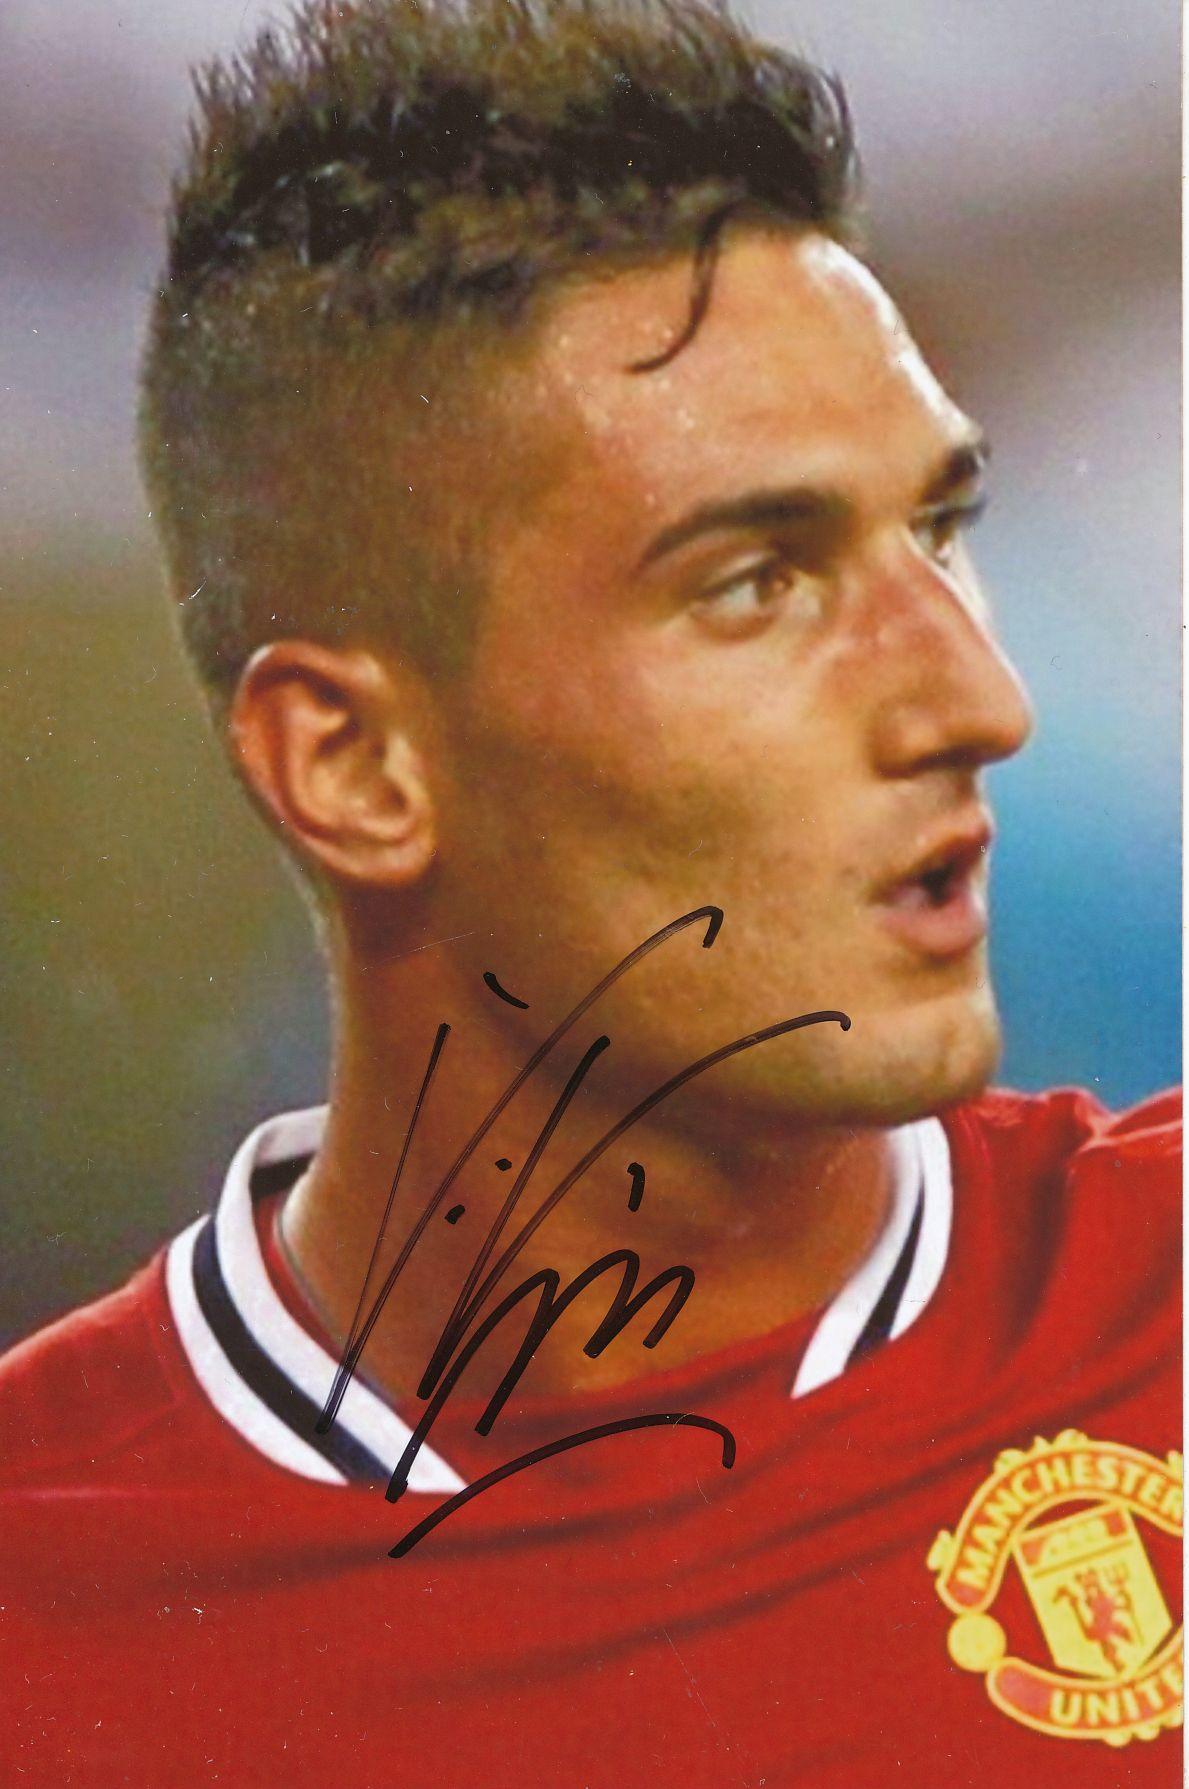 Kelocks Autogramme | Federico Macheda Manchester United Fußball Autogramm  Foto original signiert